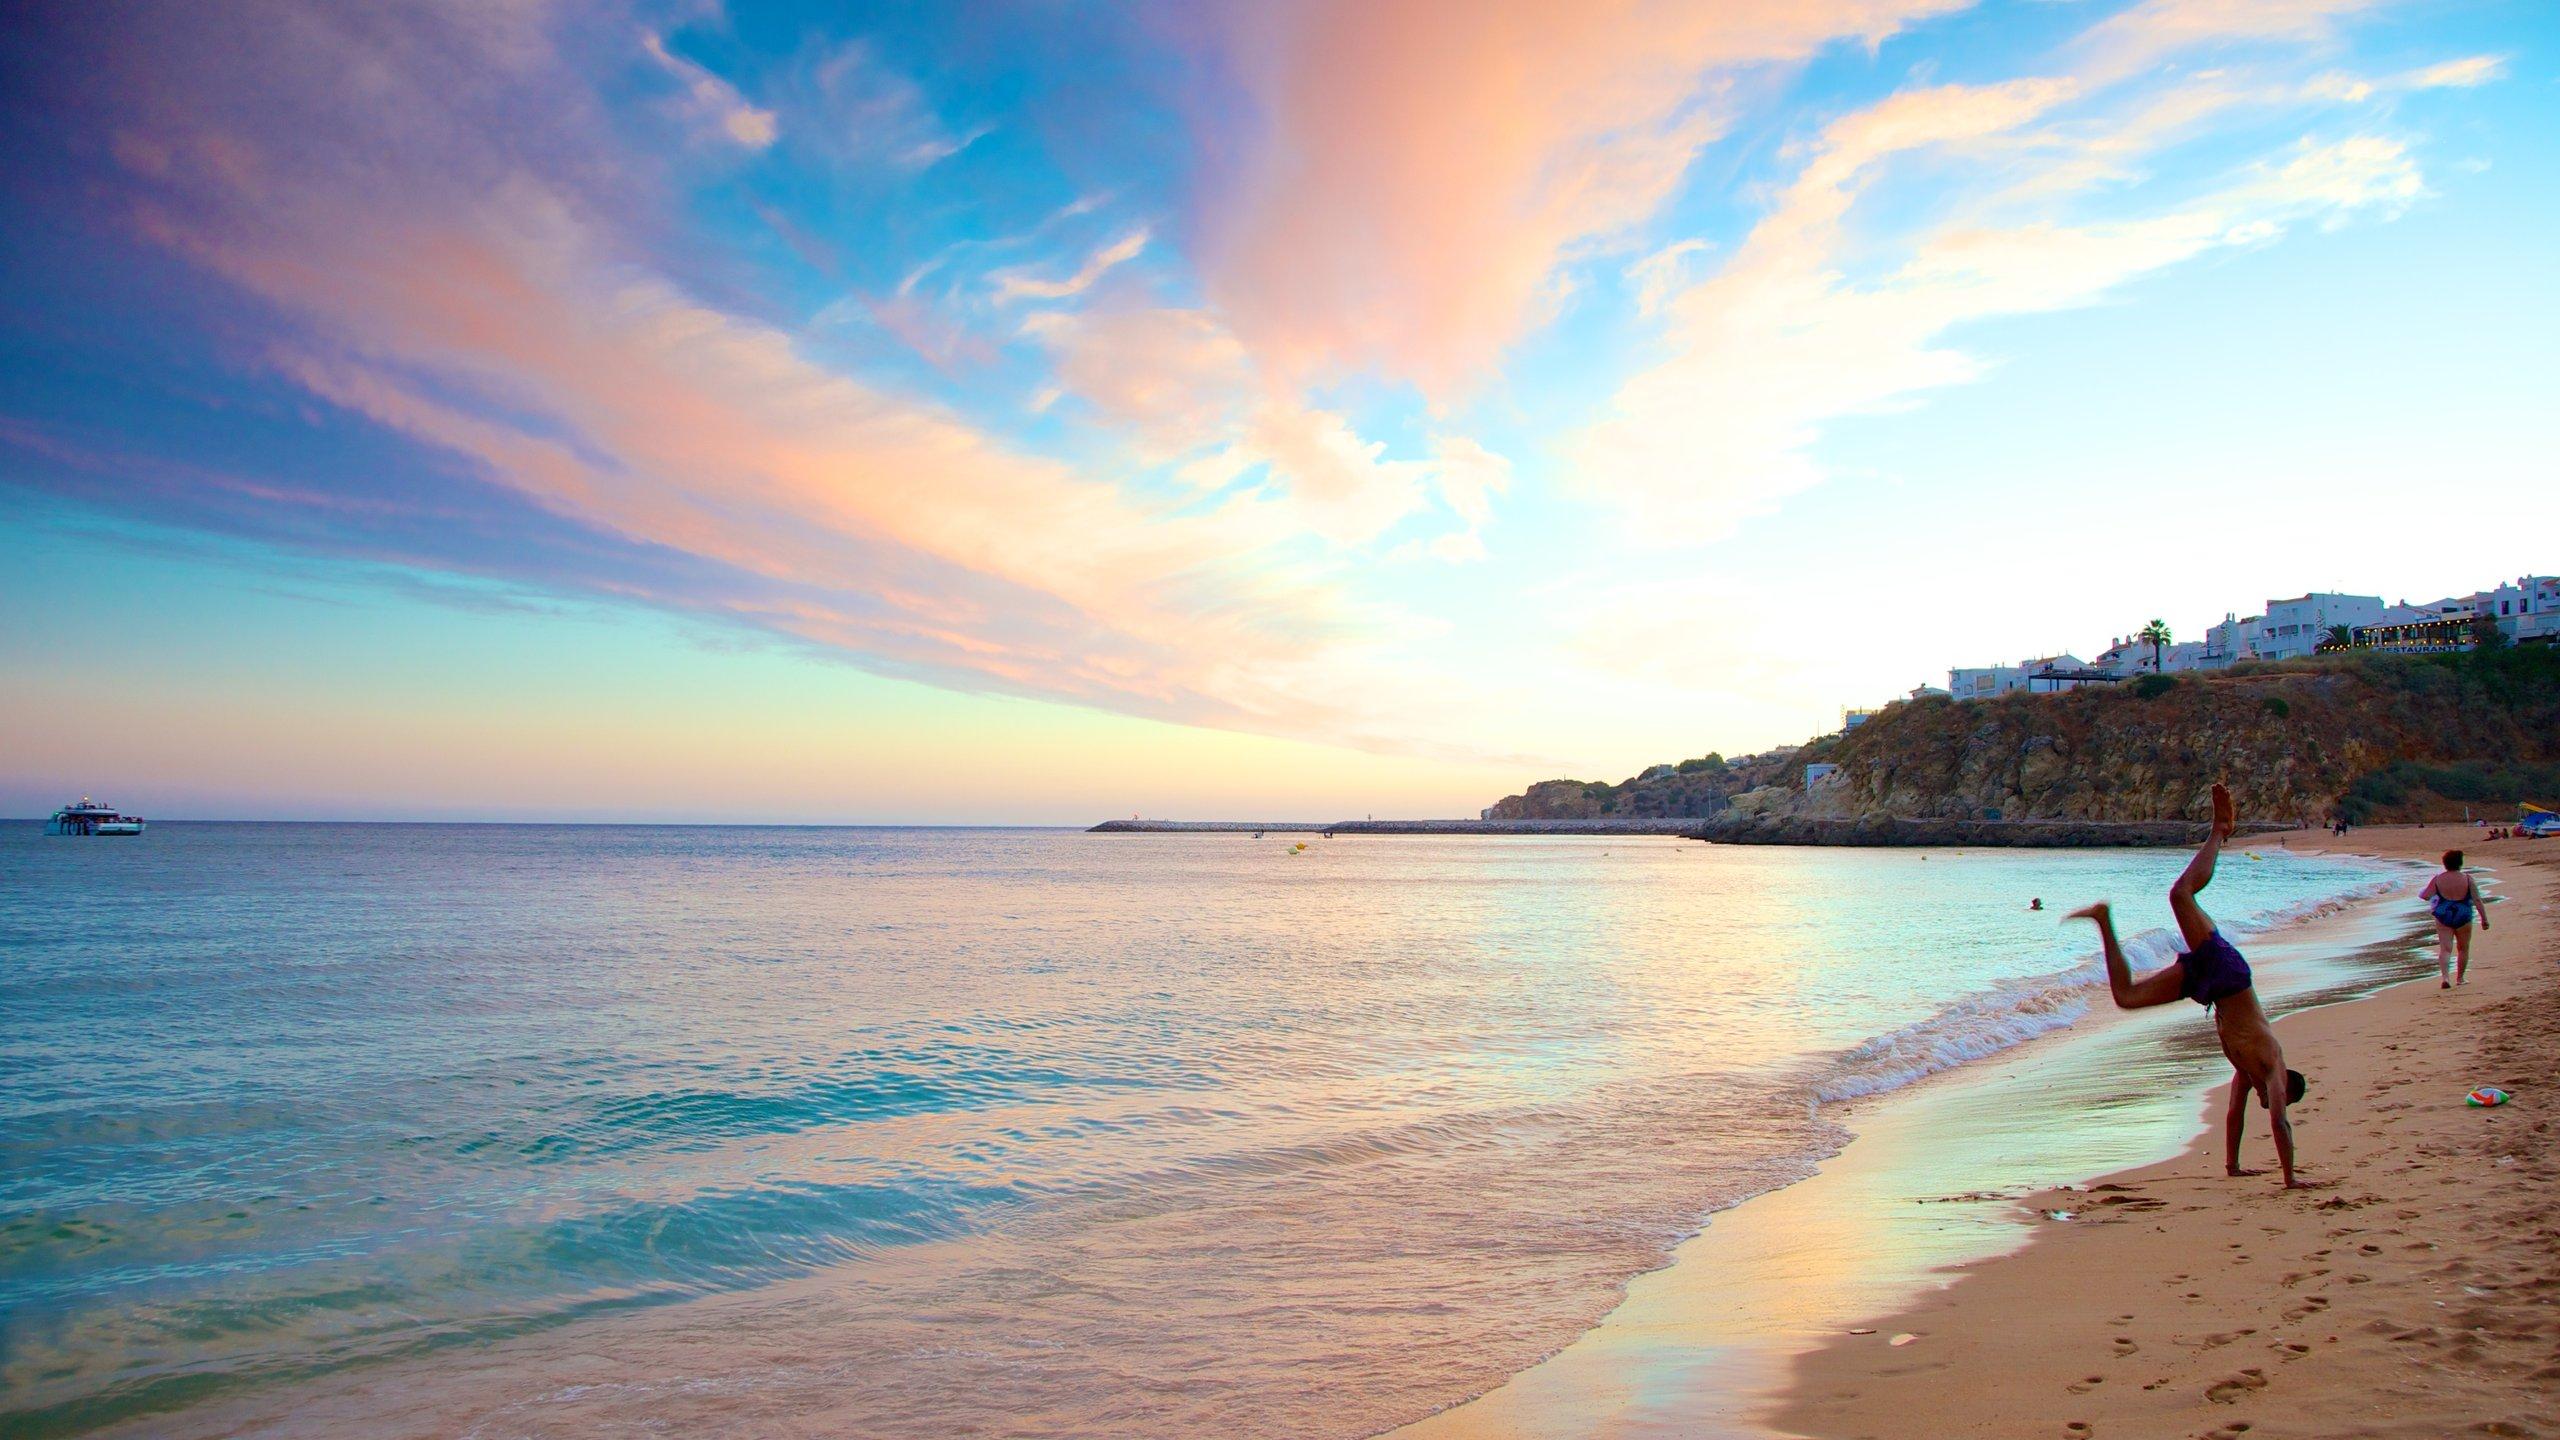 Albufeira mostrando paisagem e uma praia de areia assim como um homem sozinho